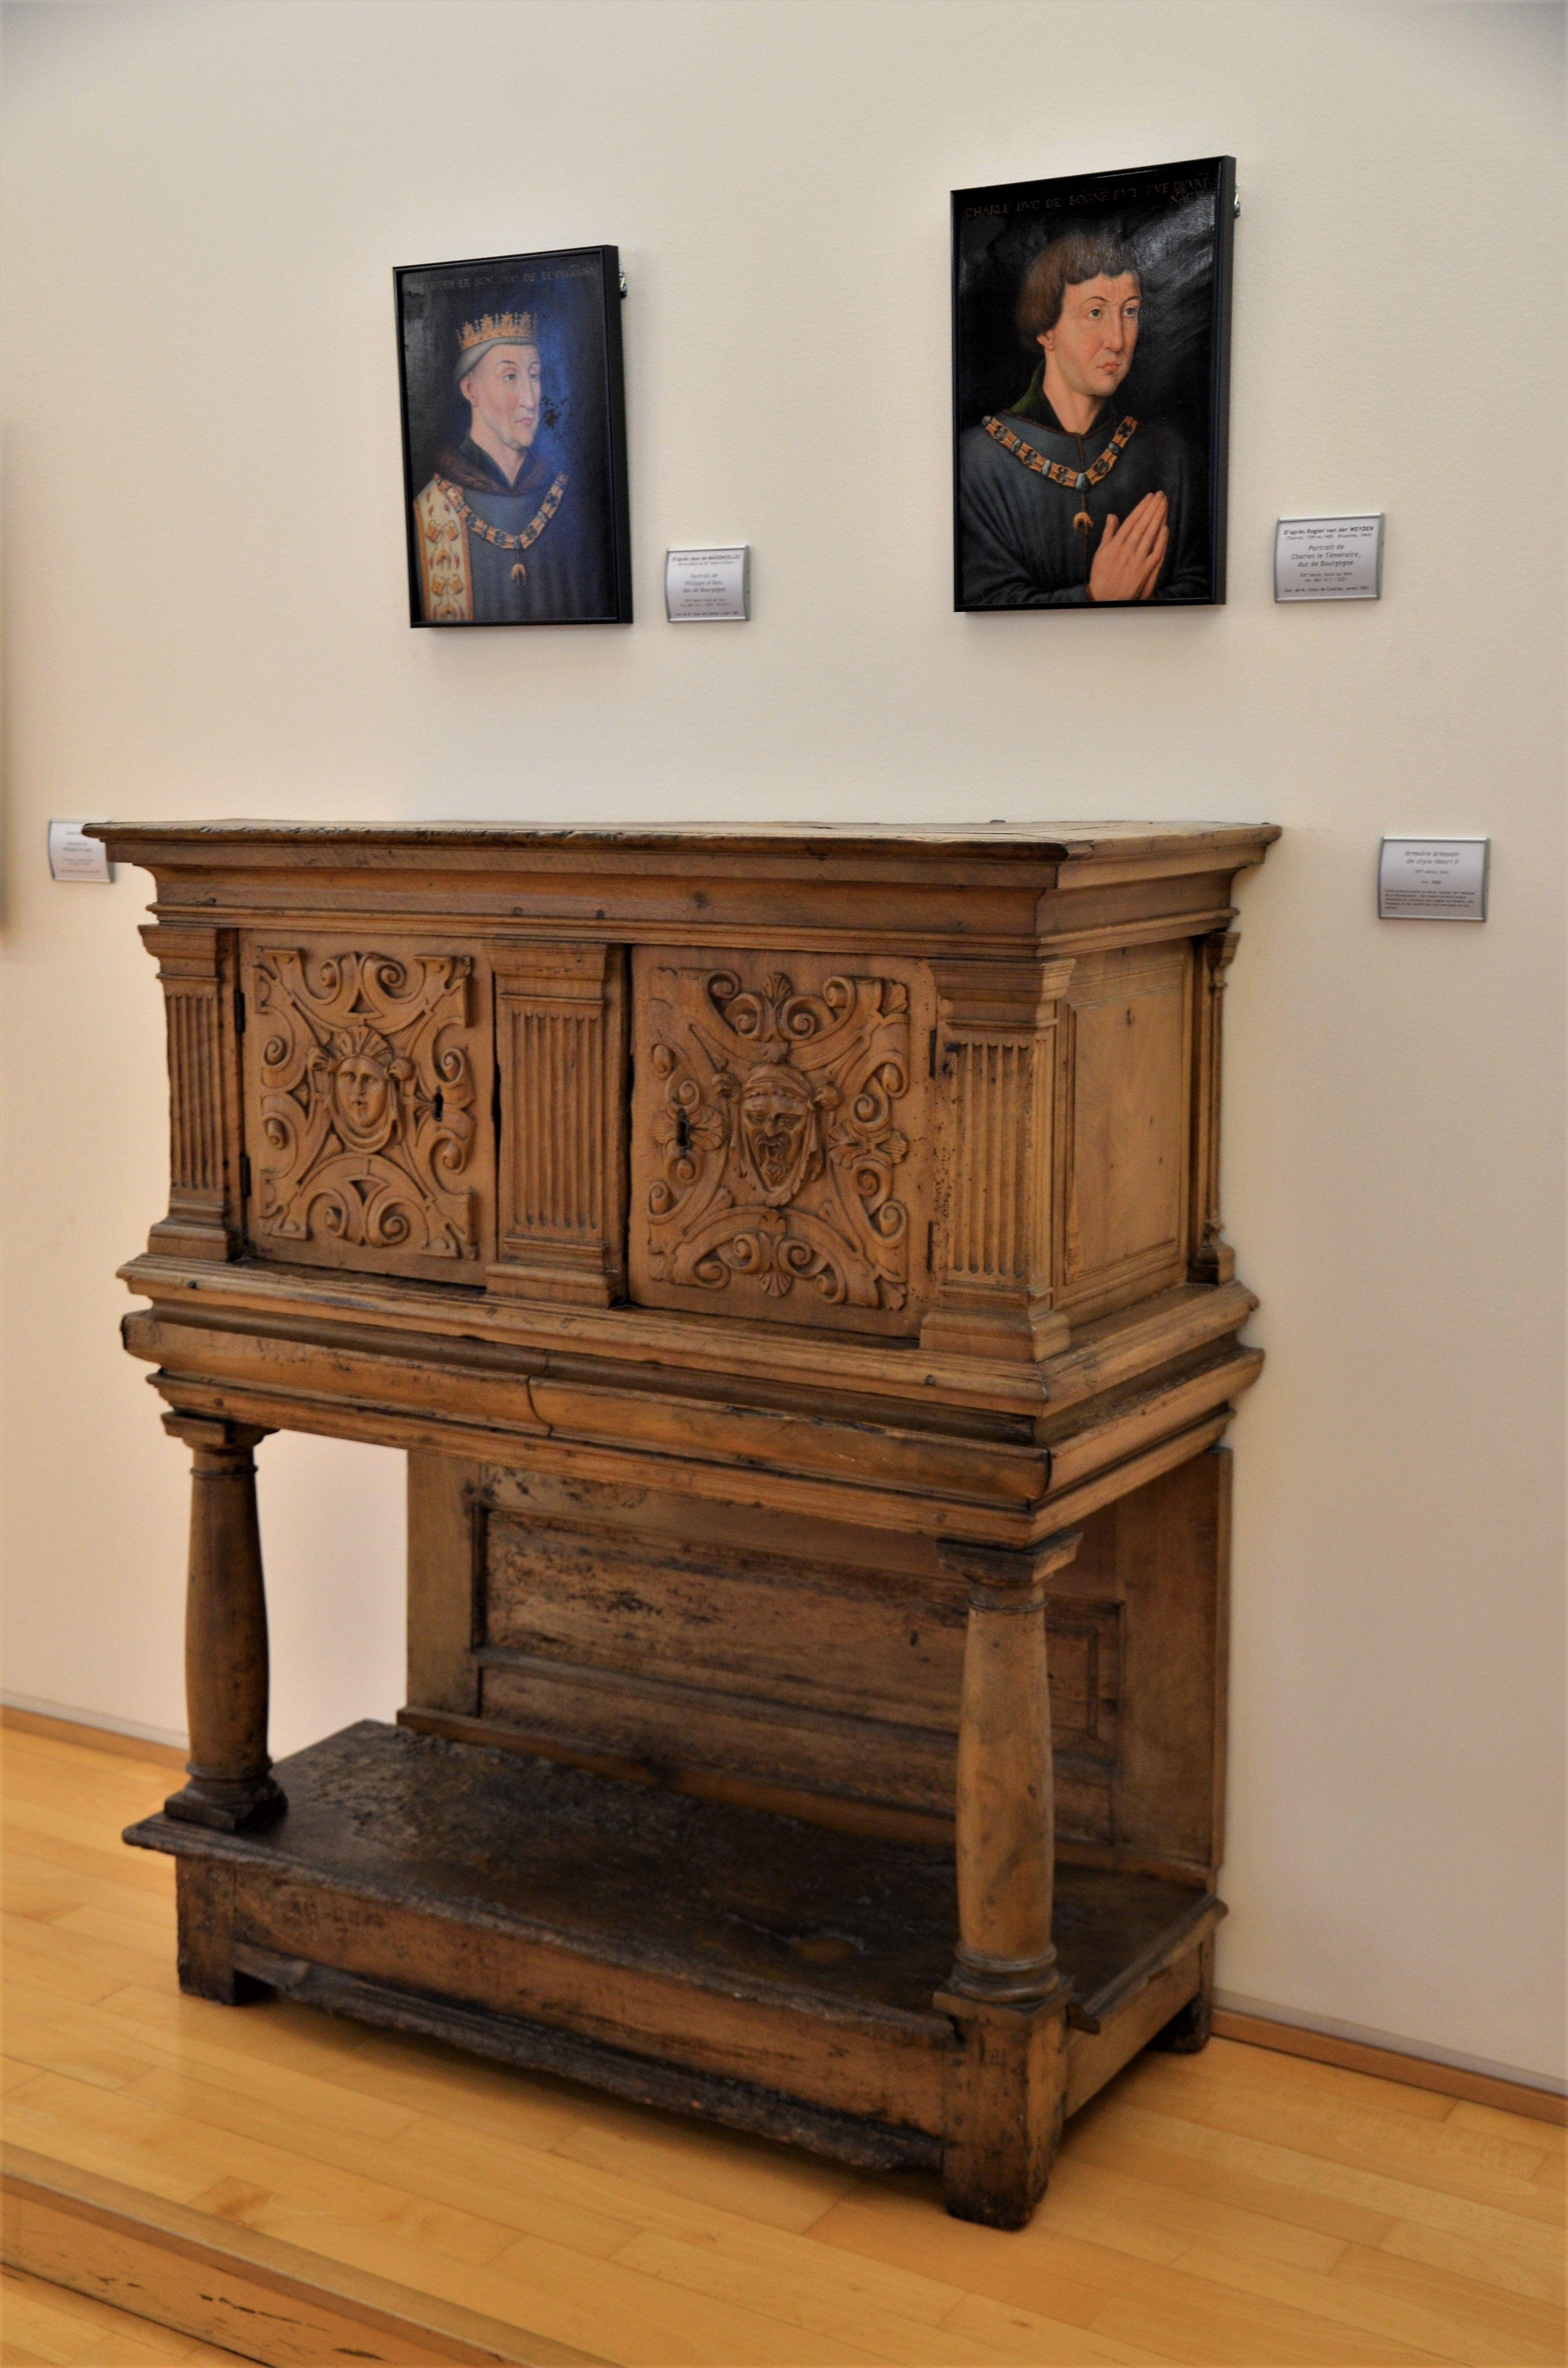 Armoire Dressoir De Style Henri Ii Musee D Art Roger Quilliot A Clermont Ferrand Photo Herve Leyrit Musee D Art Clermont Ferrand Clermont